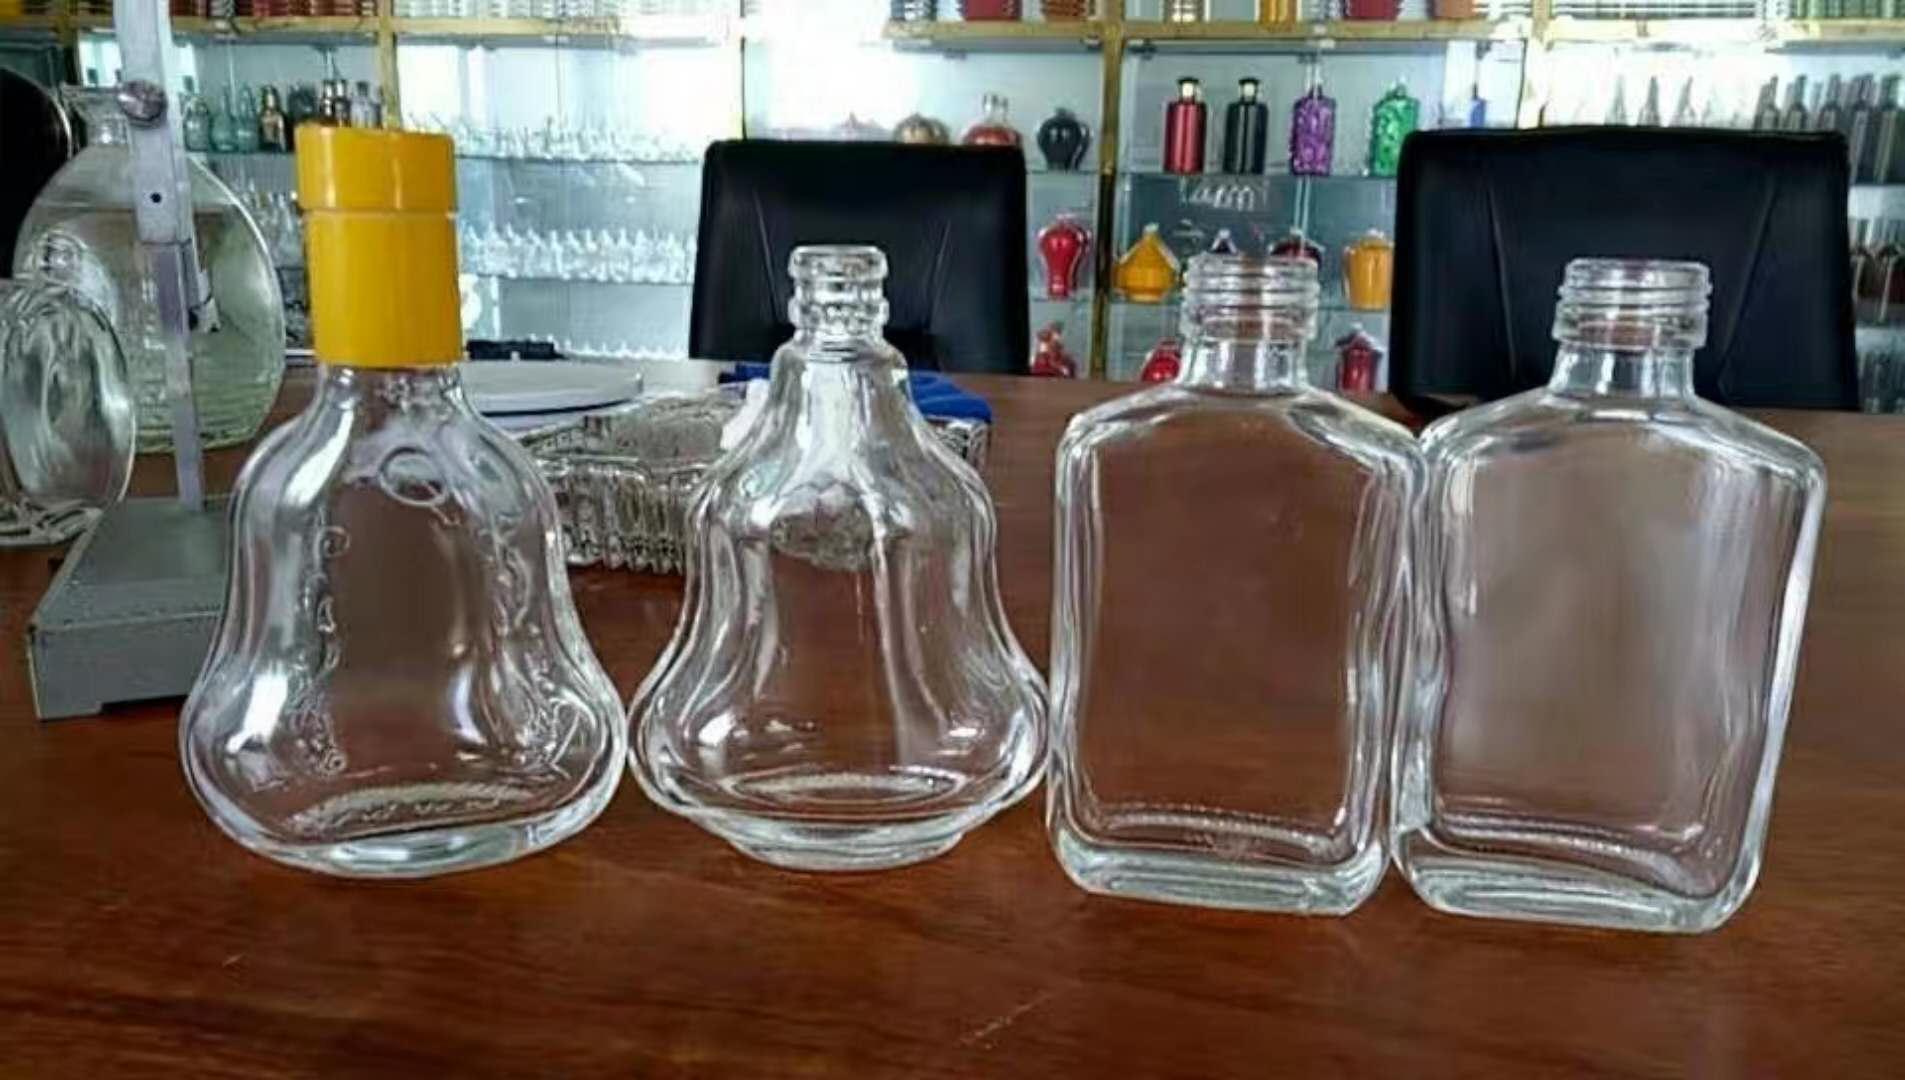 遵化洋酒瓶批发市场 水晶酒瓶制造厂 彩色酒瓶 晶白料酒瓶 酒瓶 xo酒瓶